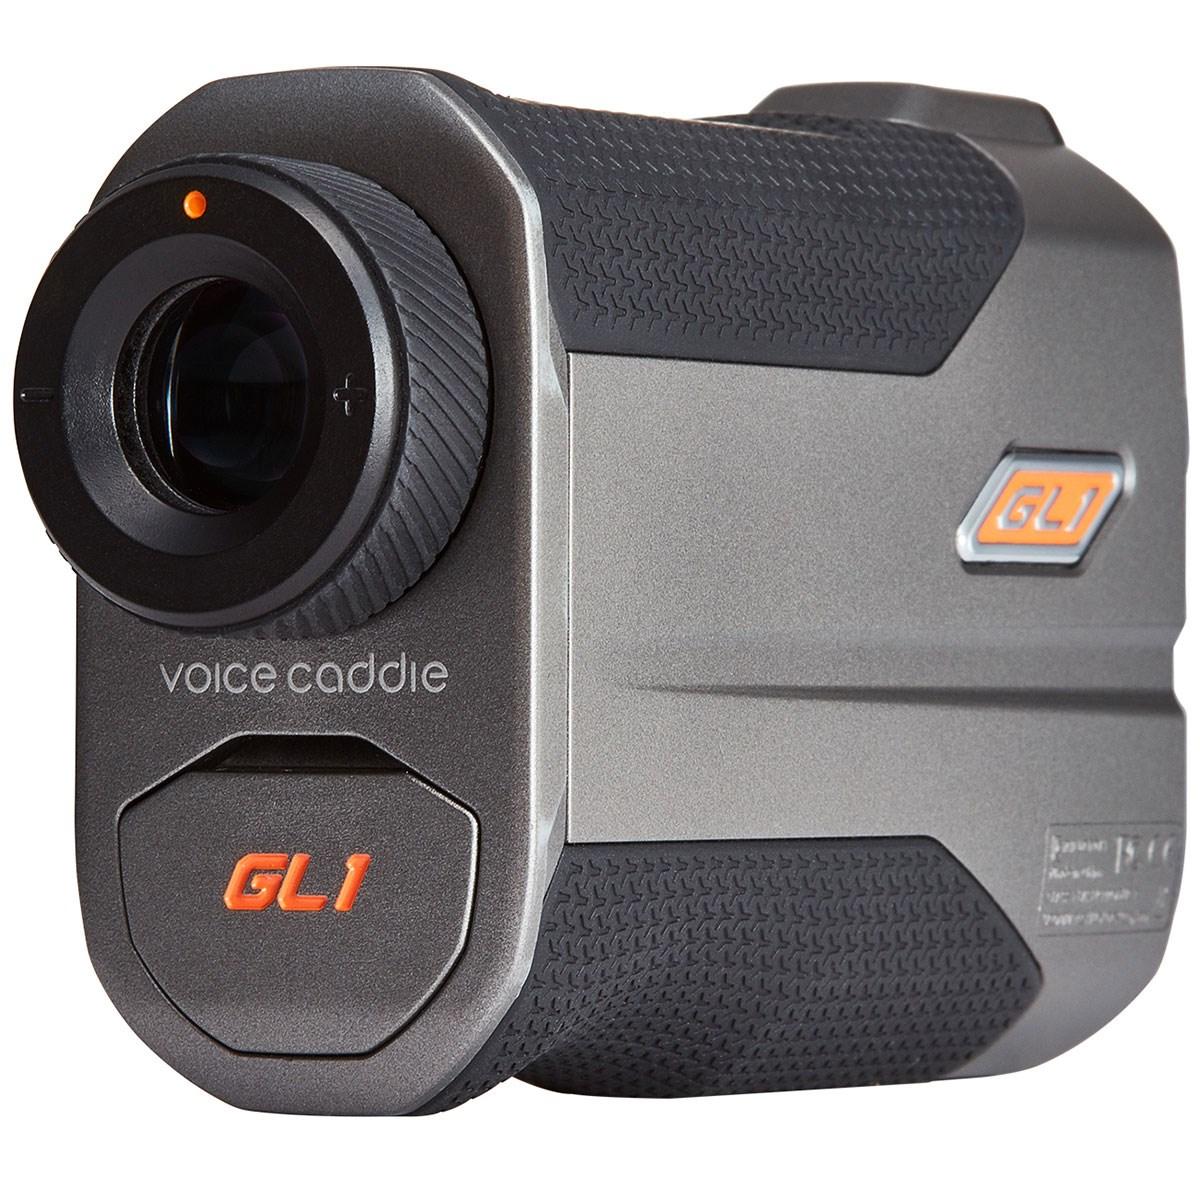 ボイスキャディ Voice Caddie GL1 GPS搭載 レーザー照準タイプ 距離測定器 シルバー